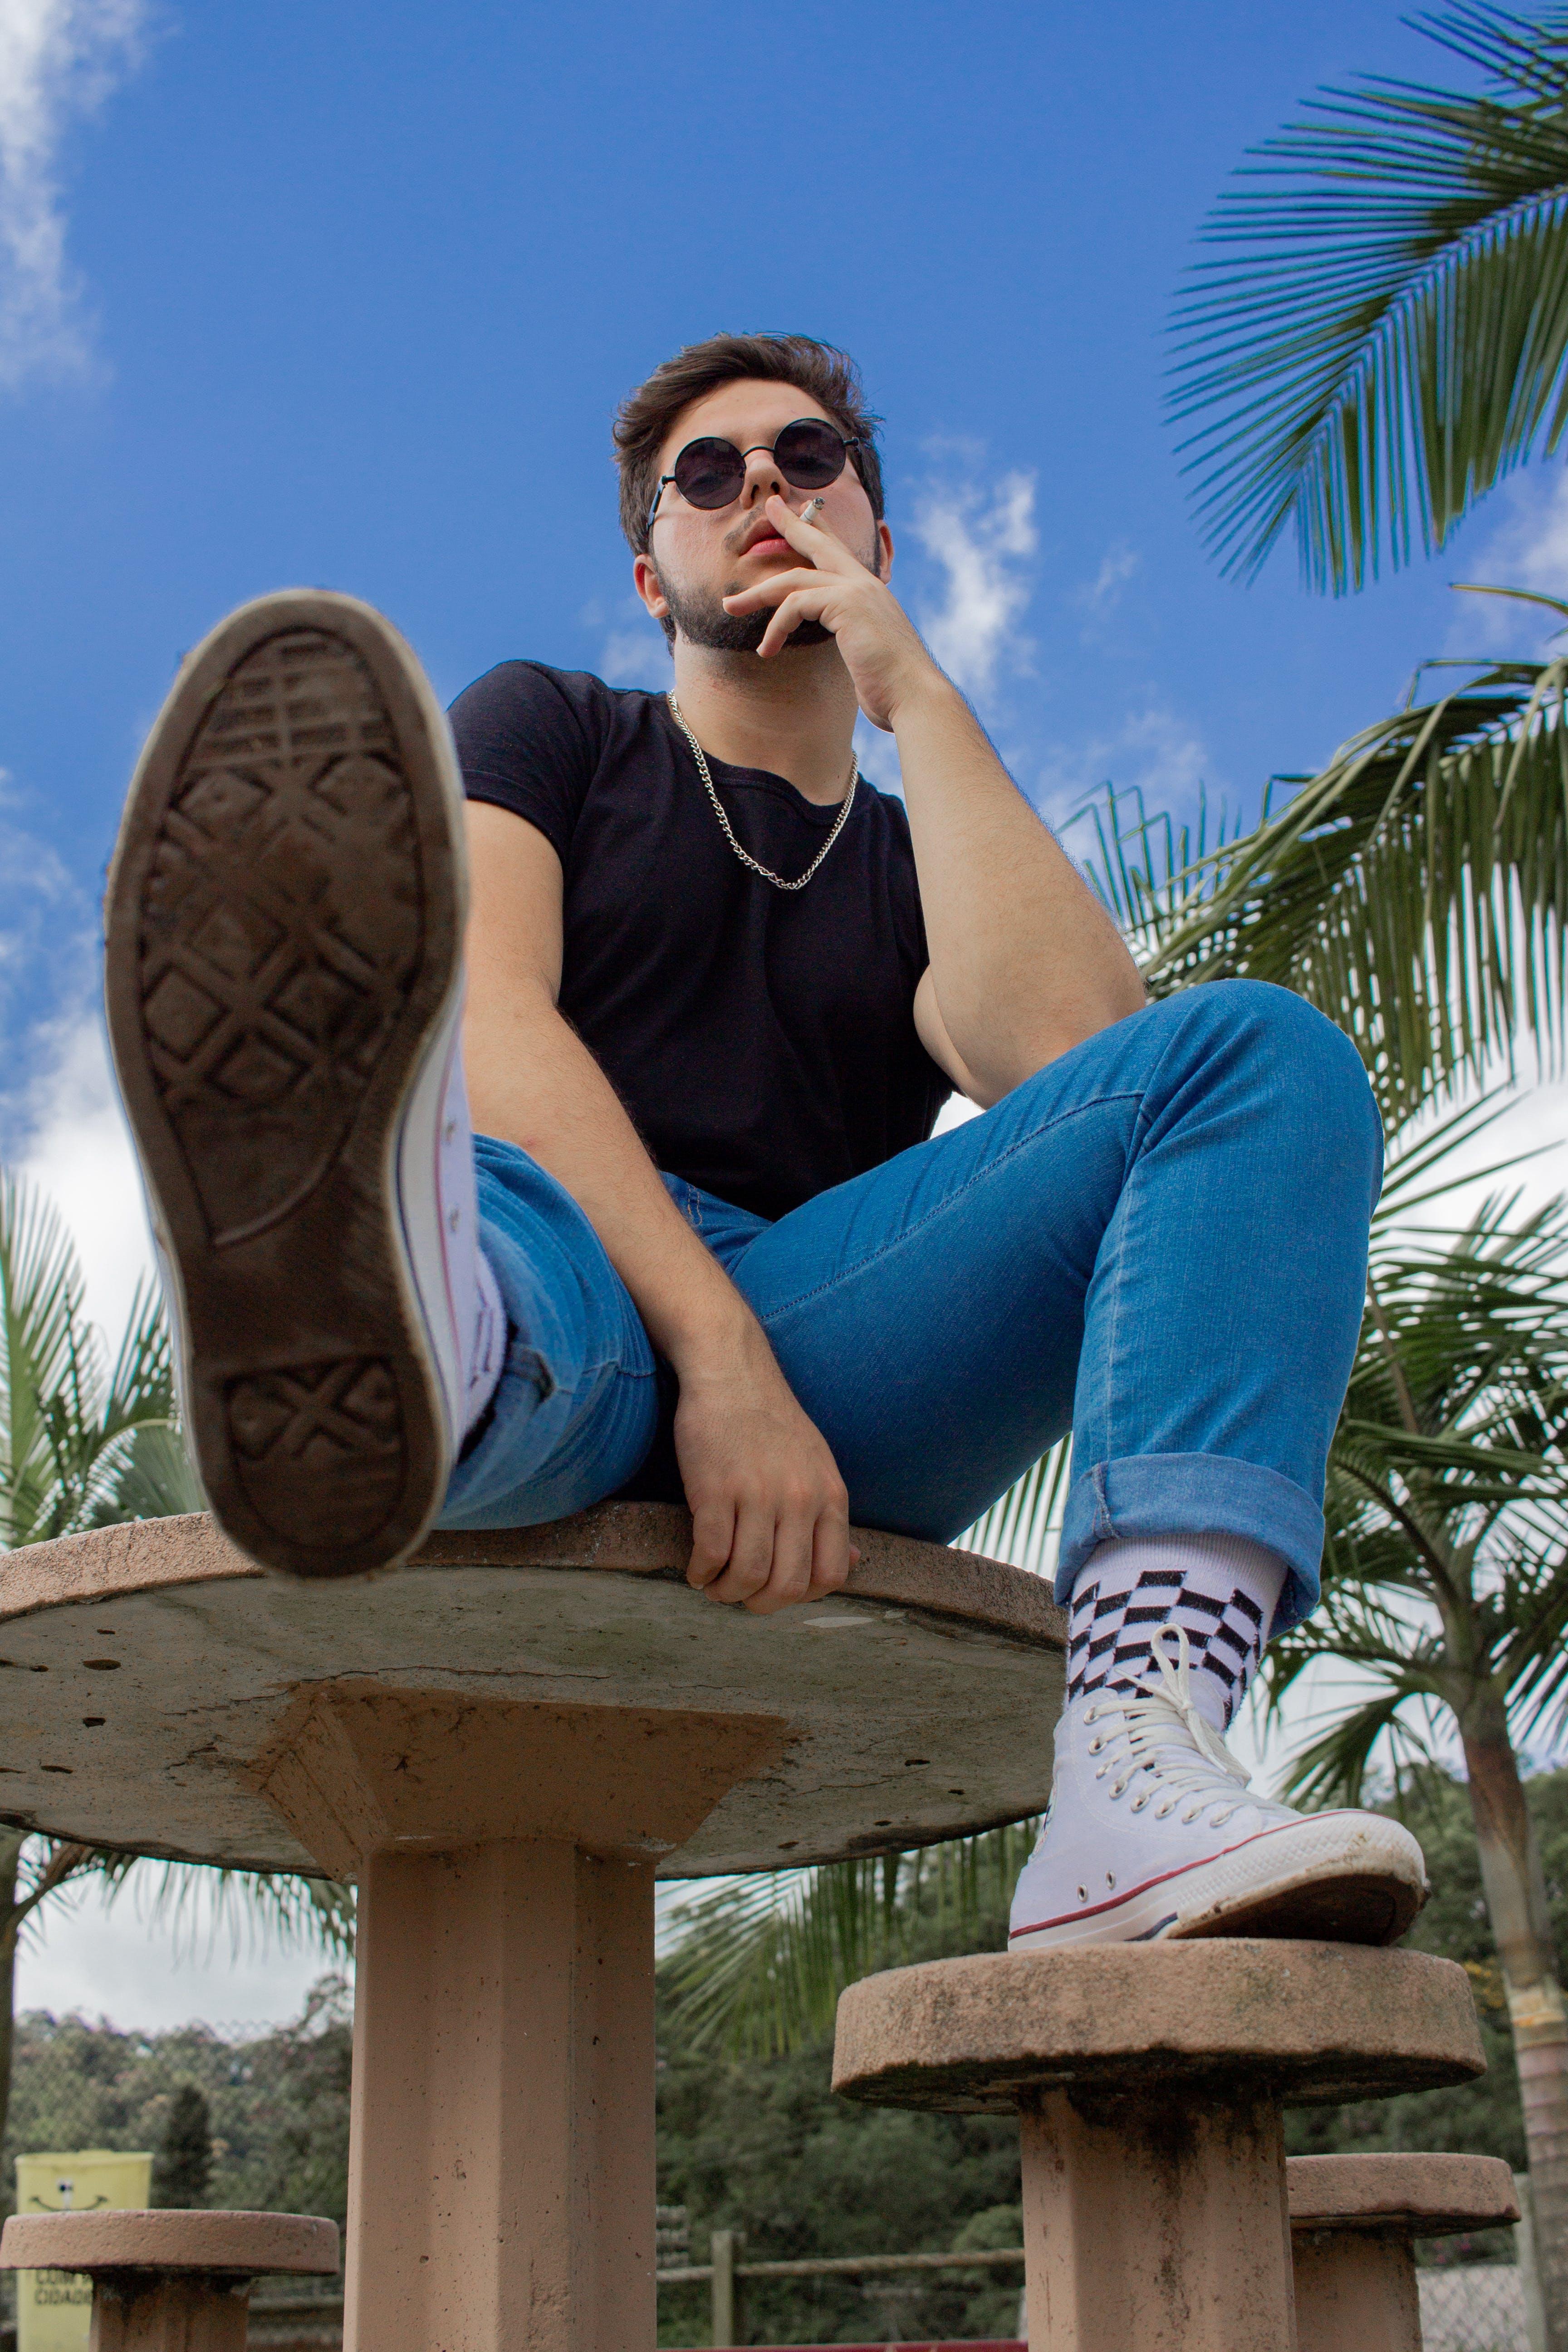 zu aufnahme von unten, beton, blauer himmel, brasilianischer mann